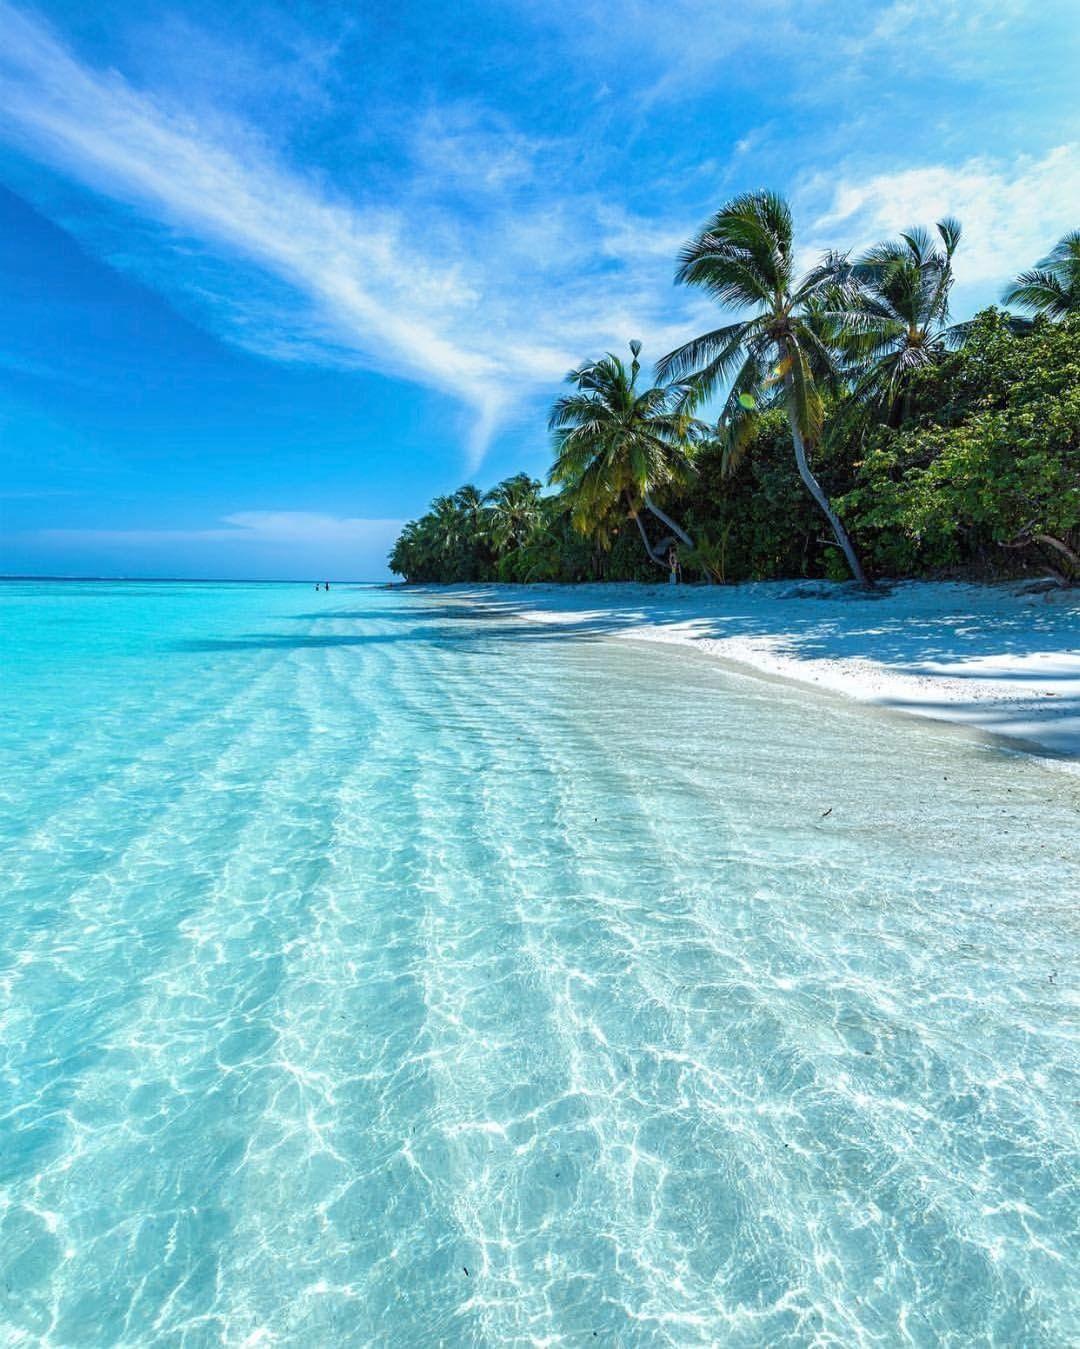 A Imagem Pode Conter Oceano Ceu Nuvem Atividades Ao Ar Livre Natureza E Agua Pontos De Ferias Lindas Paisagens Fotos De Paisagem